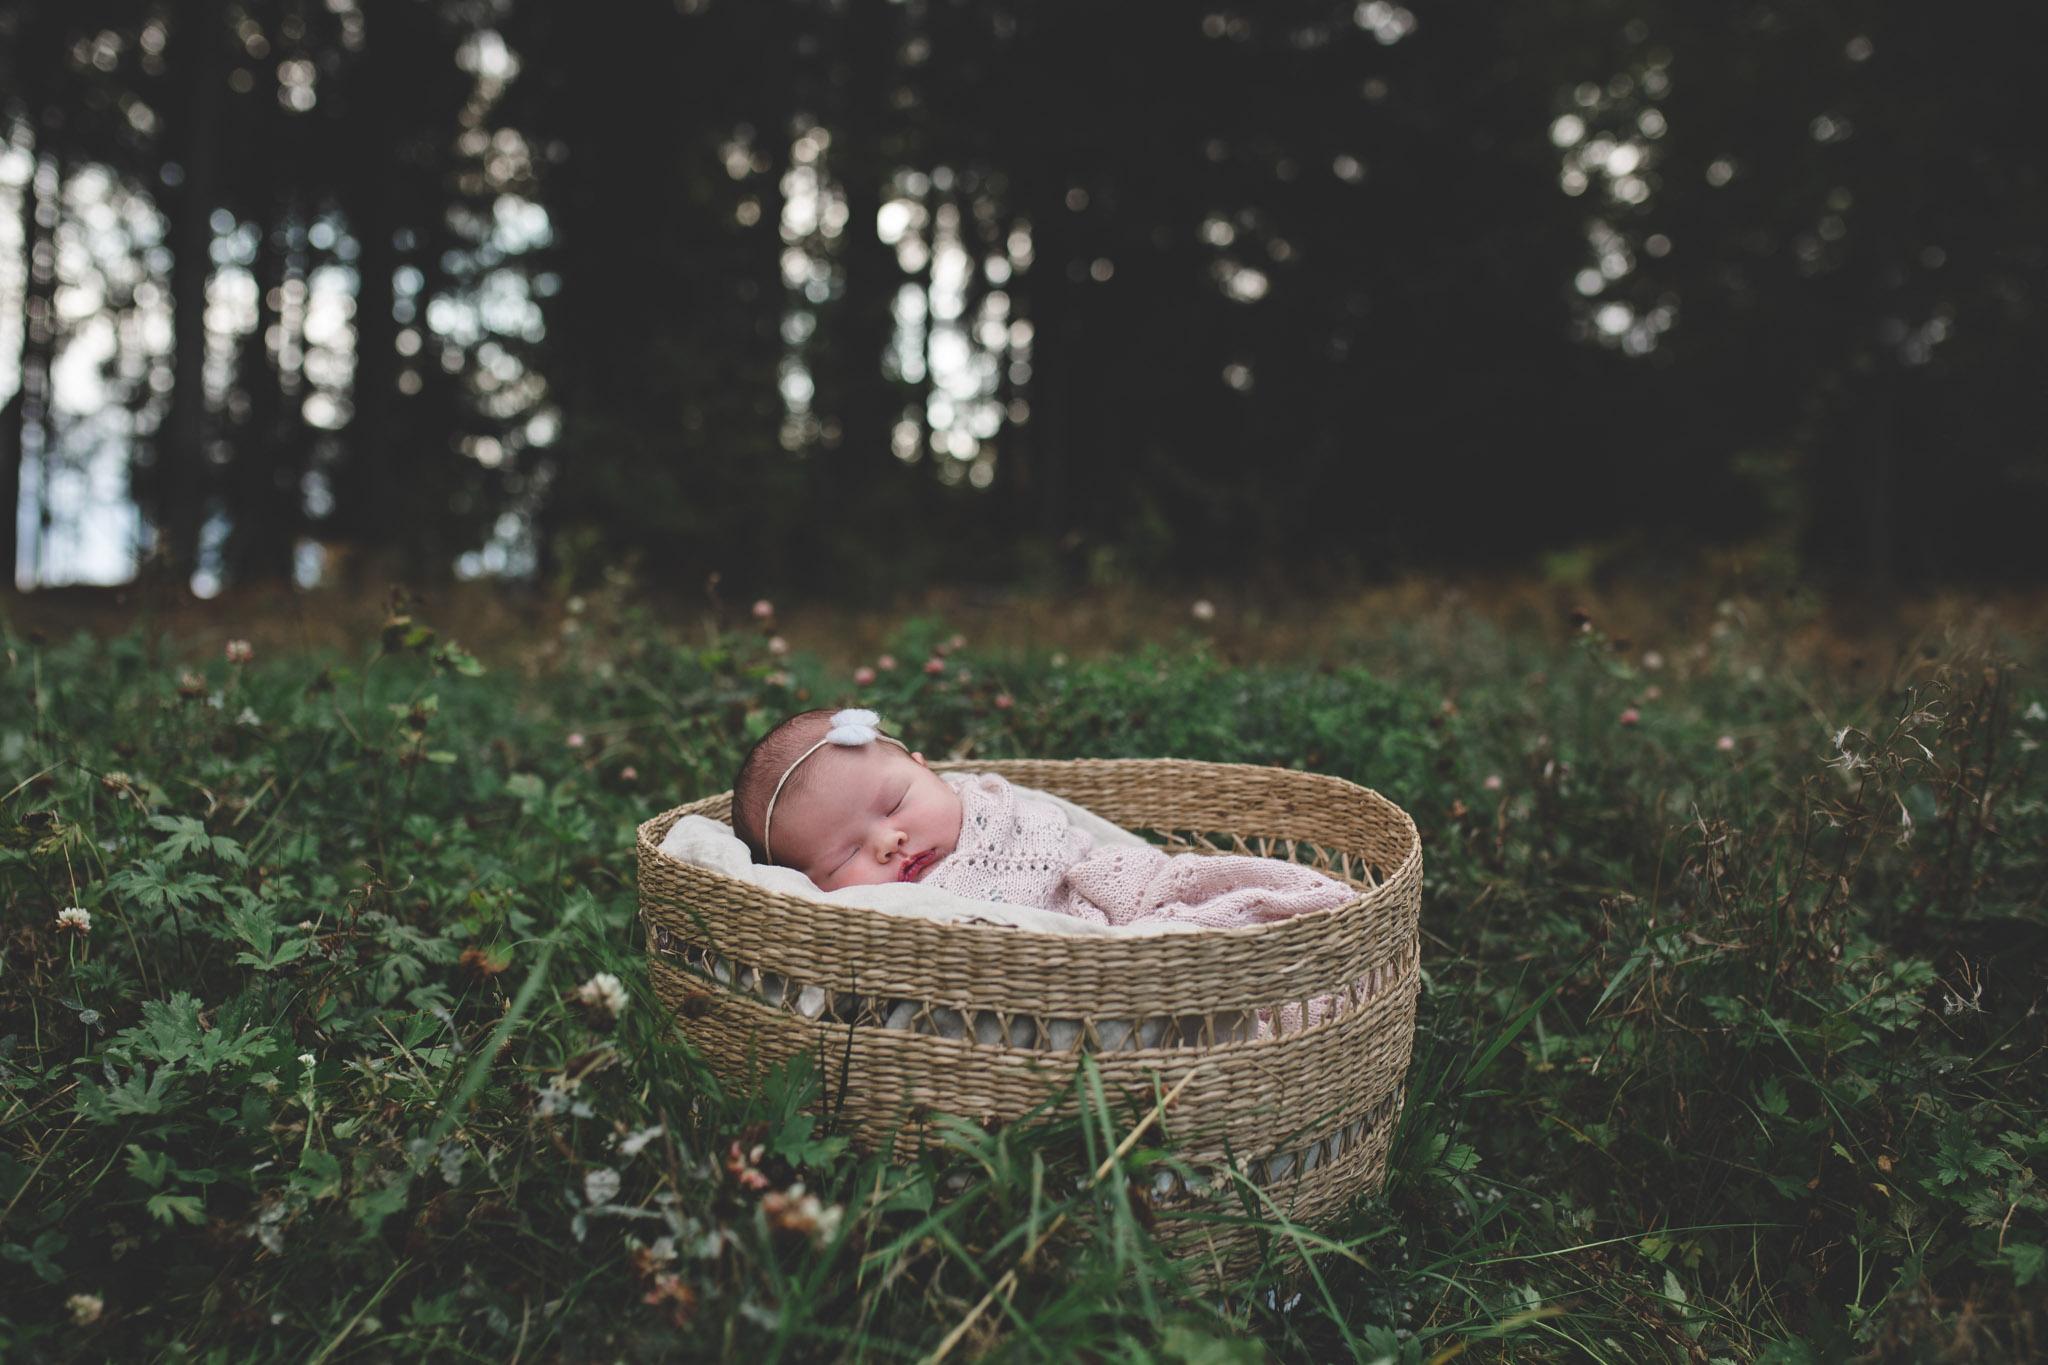 Nyfødtfotografering - kurv, natuur - Fotograf Ida Hvattum